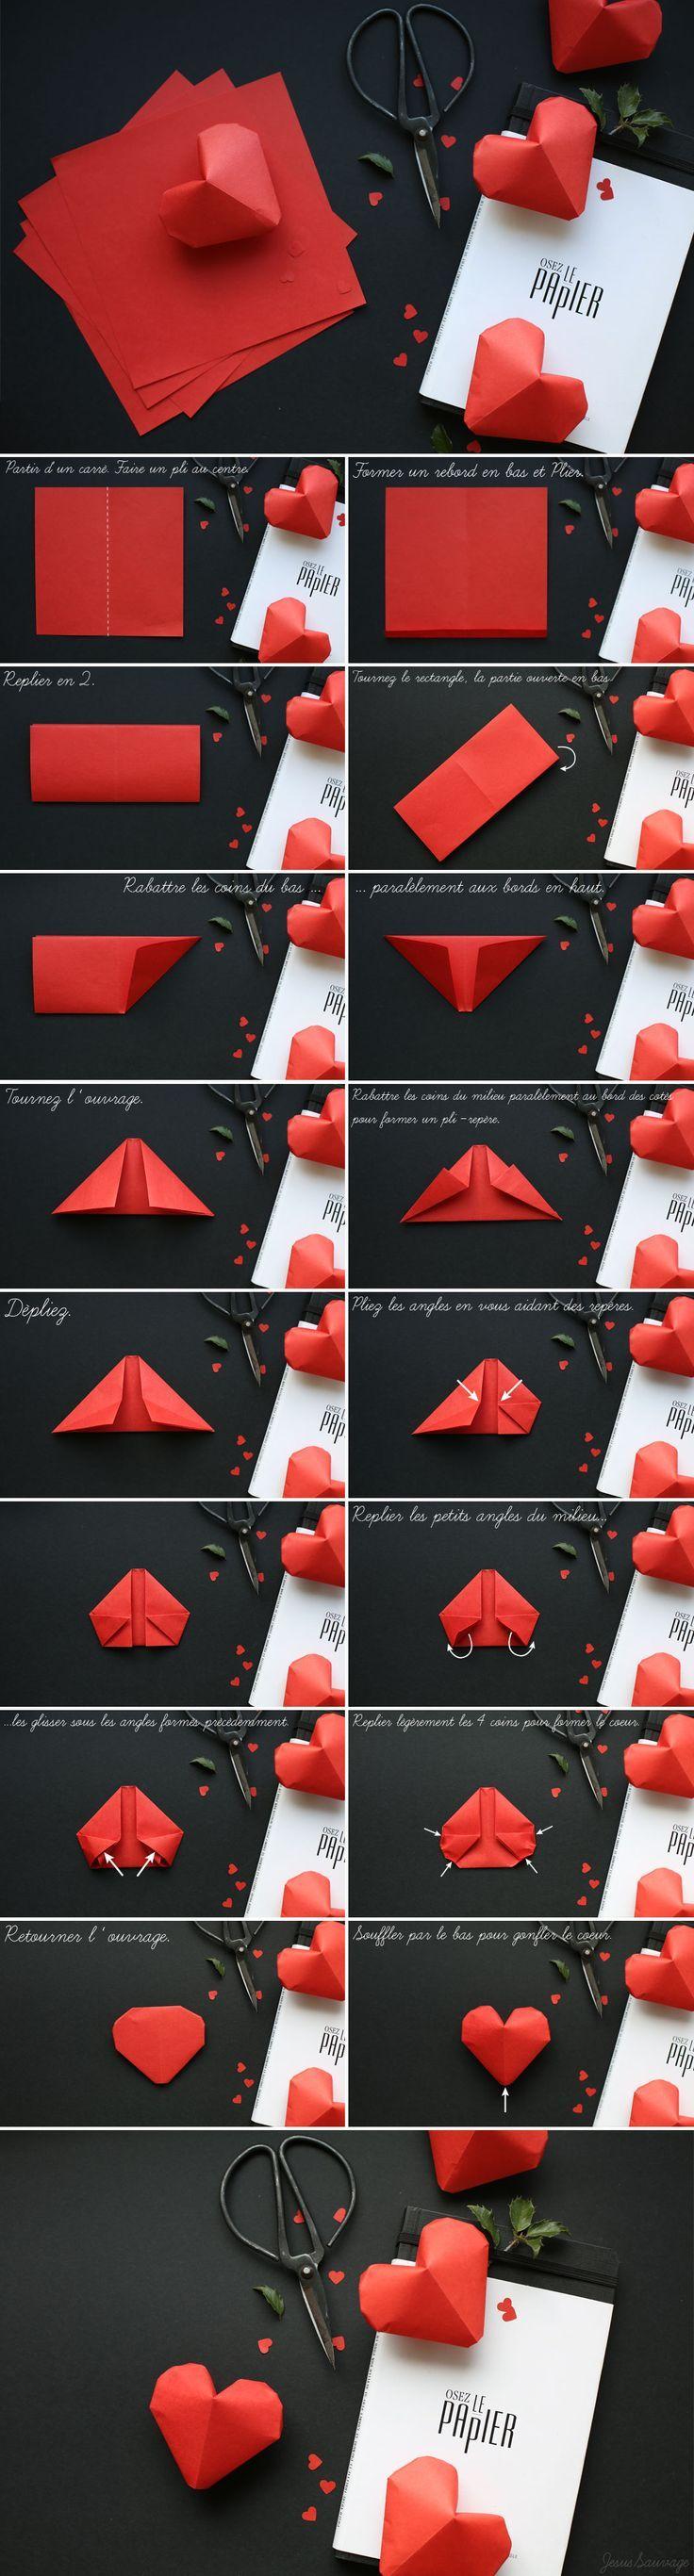 Preparandonos Para Sanvalentin Manualidades Papiroflexia Para Principiantes Papel De Bricolaje